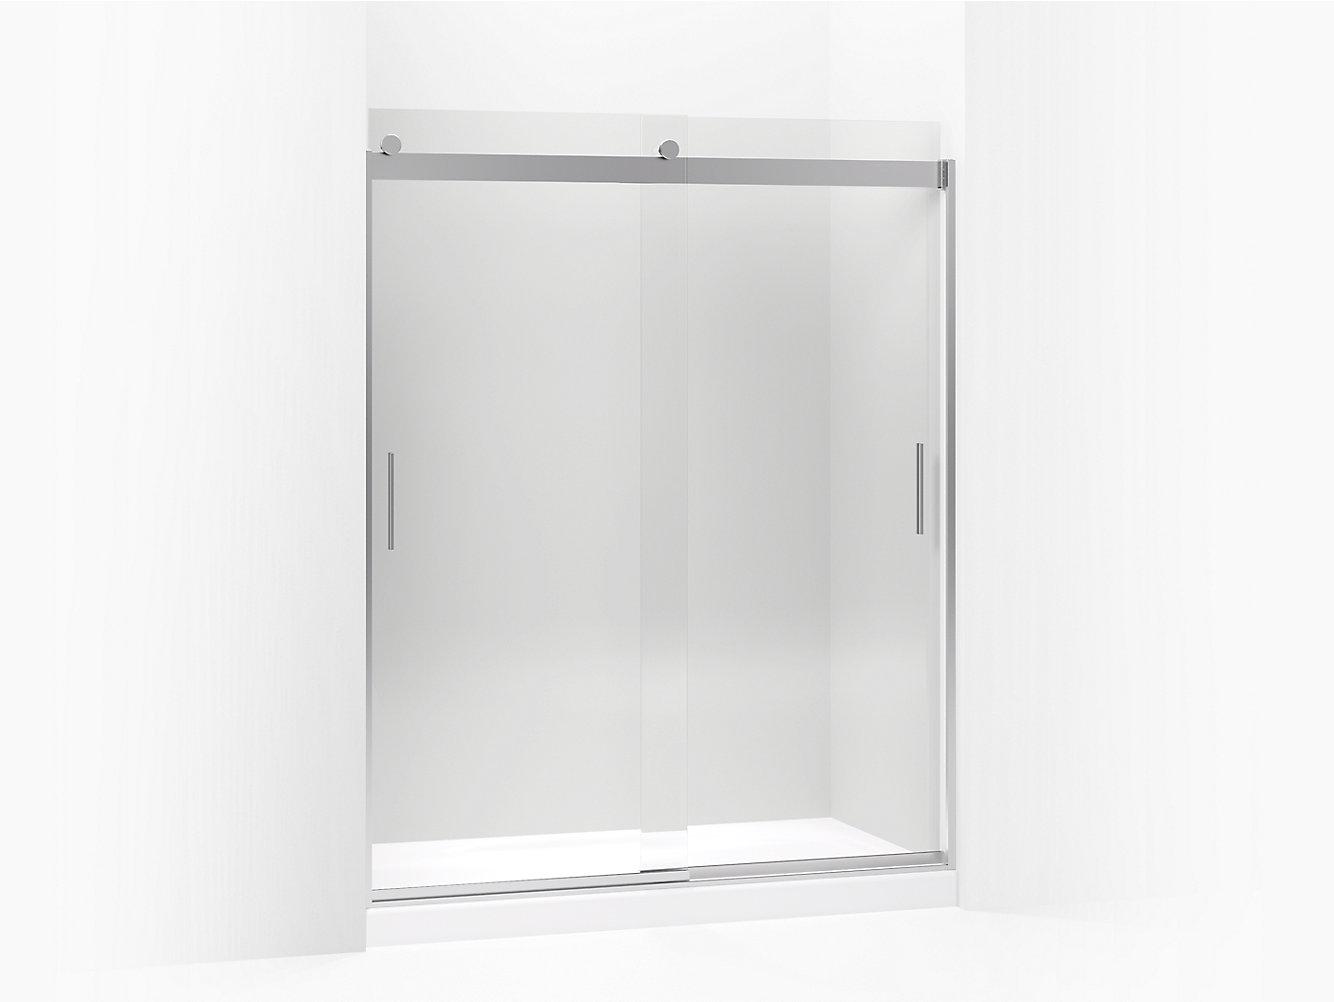 Shower Door kohler levity shower door installation photos : Levity Frameless Sliding Shower Door | K-706009-L | KOHLER